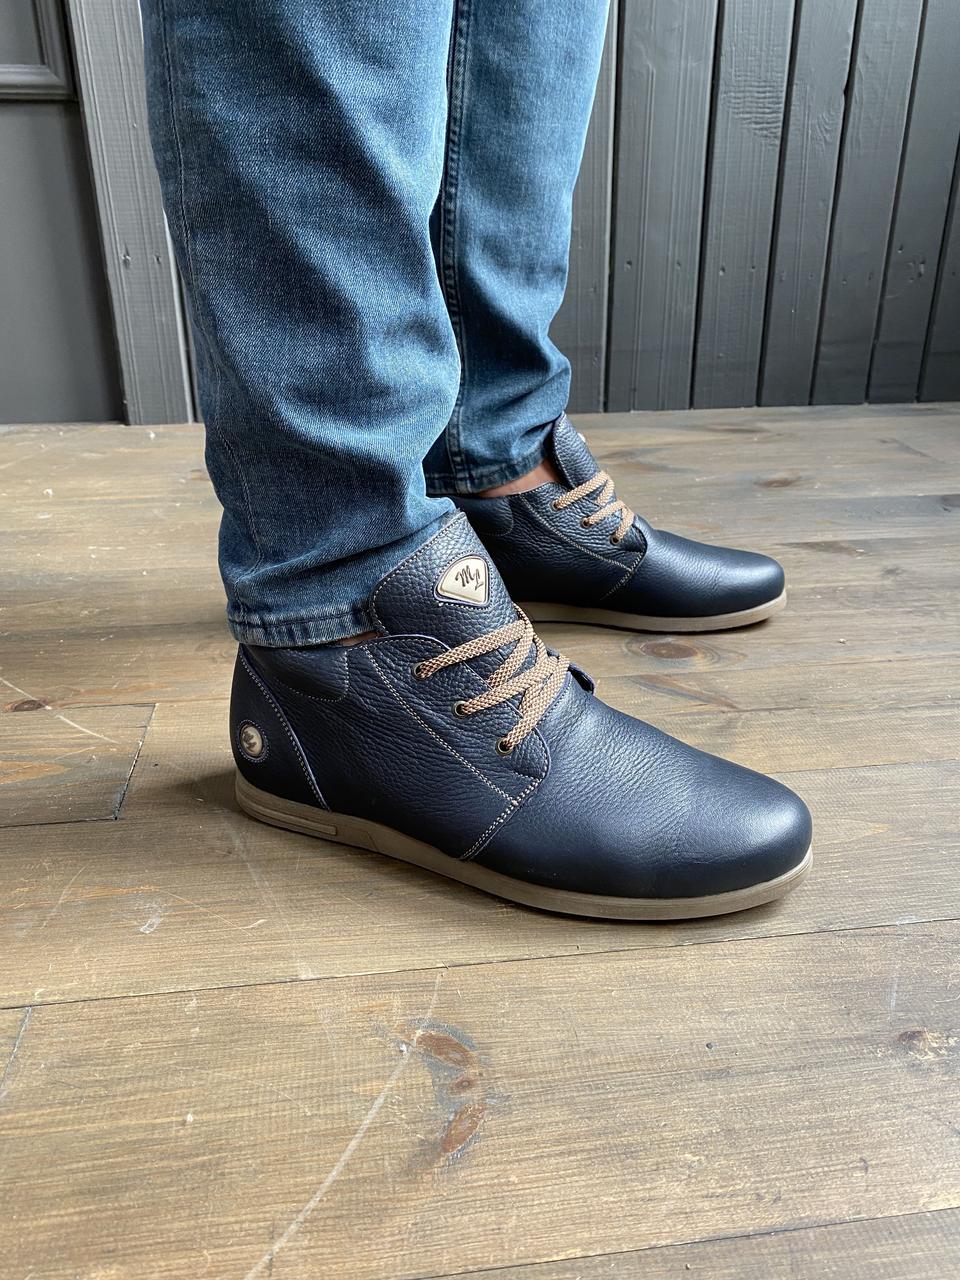 Мужские ботинки кожаные зимние синие Milord ТЮ